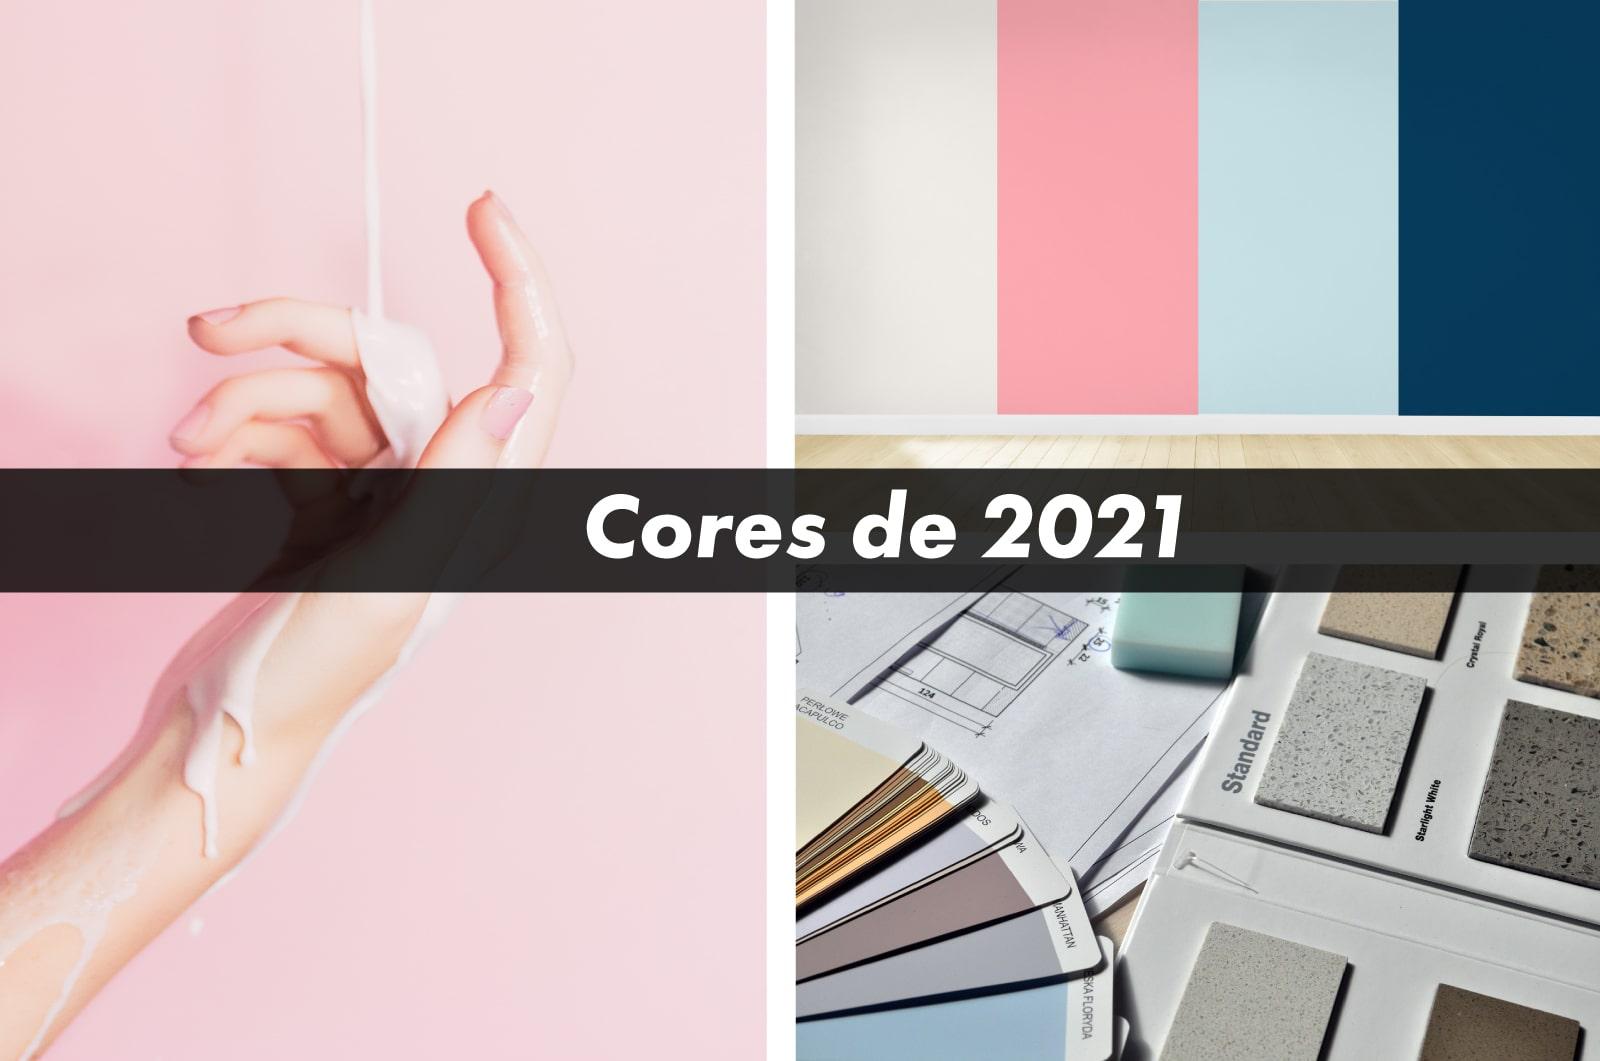 Cores-de-2021.jpg